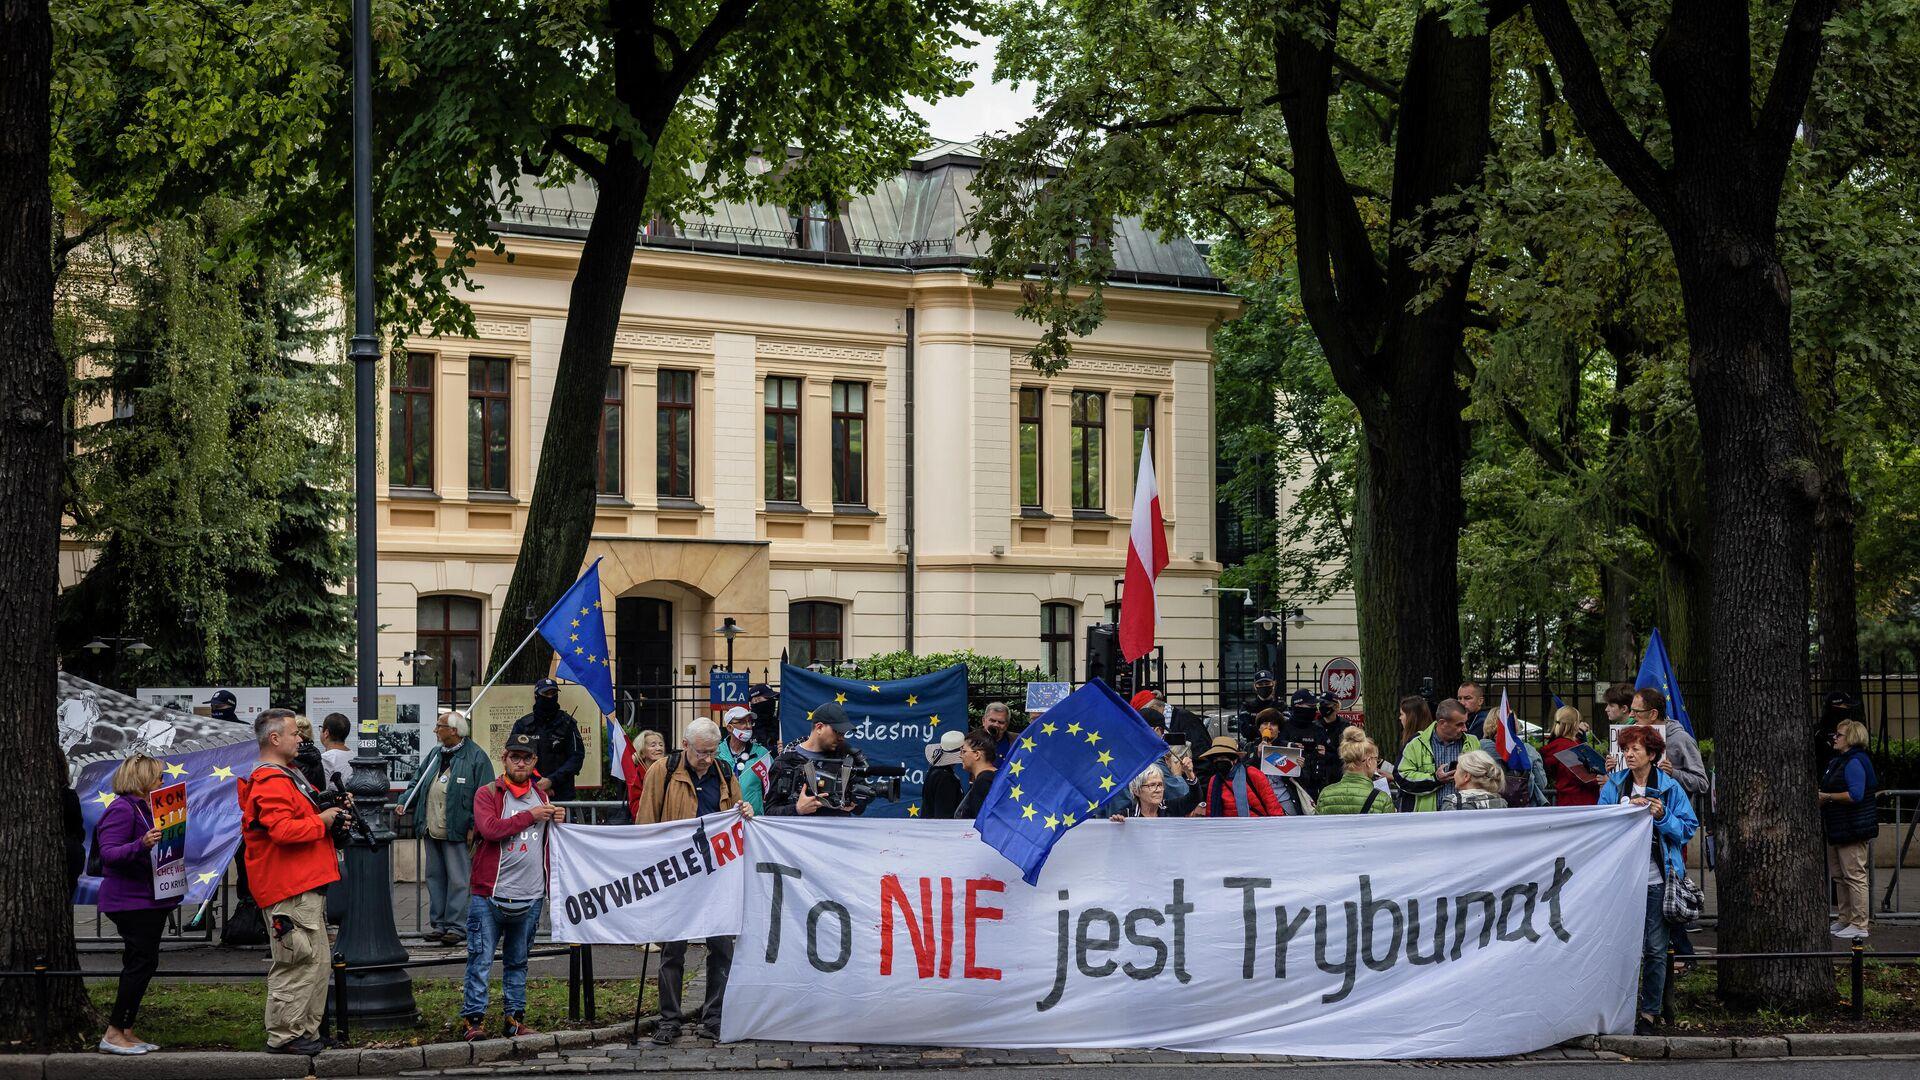 Proeuropäisch gesinnte Demonstranten protestieren vor dem Verfassungsgericht Polens gegen die Entscheidung der Verfassungsrichter, nationales Recht über das EU-Recht zu stellen. Warschau, 31. August 2021 - SNA, 1920, 07.10.2021